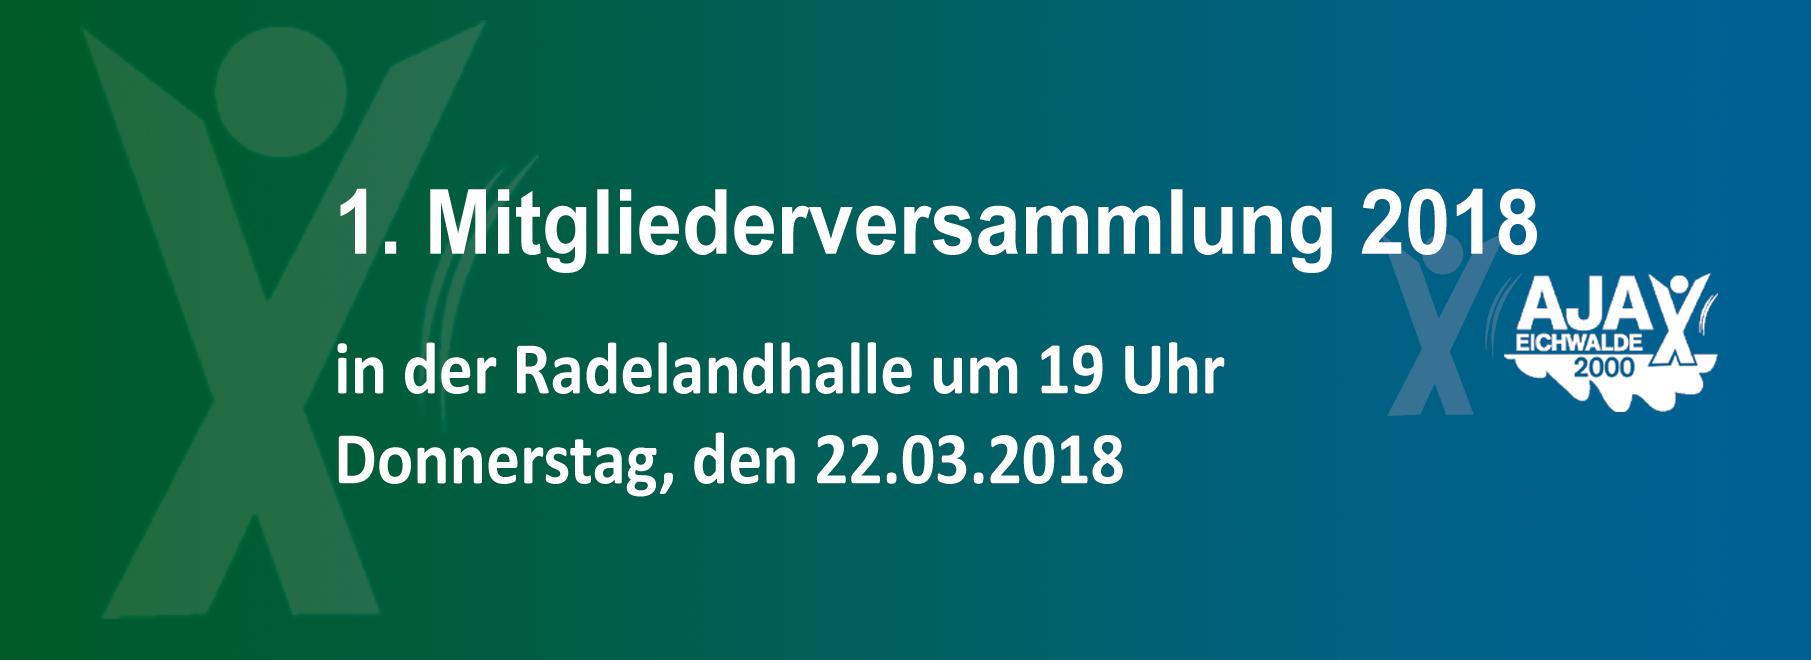 Banner-Website_Mitgliederversammlung-1